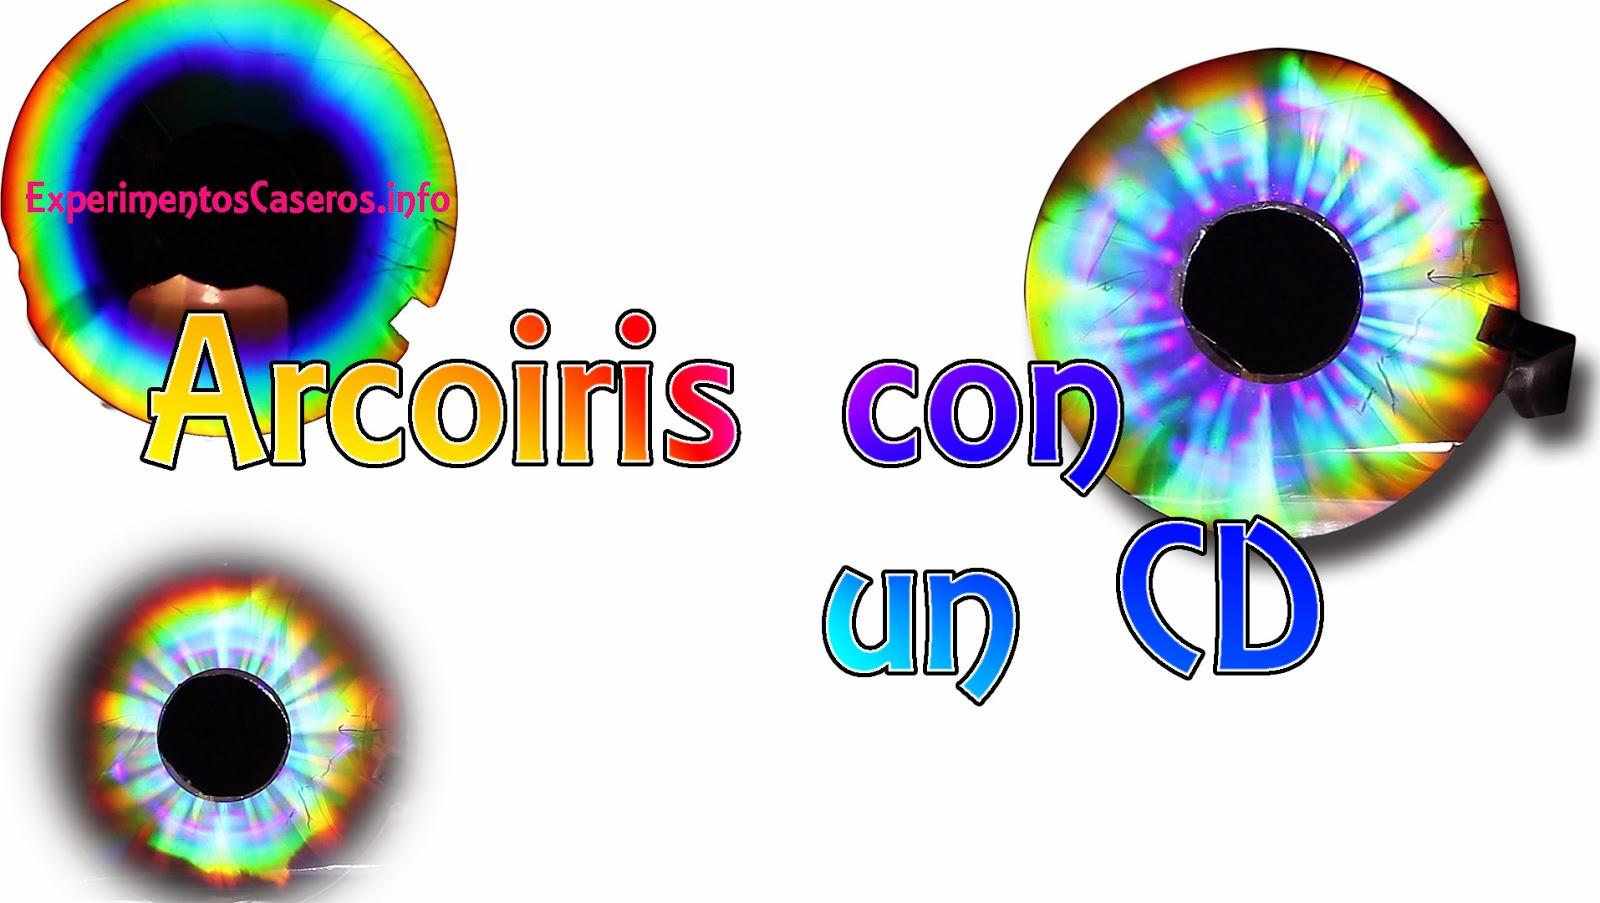 Arcoiris con un CD, Arcoiris Casero, experimentos caseros, inventos caseros, invento, experimentos, experimento, experimentos para niños, experimentos de física, feria de ciencias, experimentos con luz